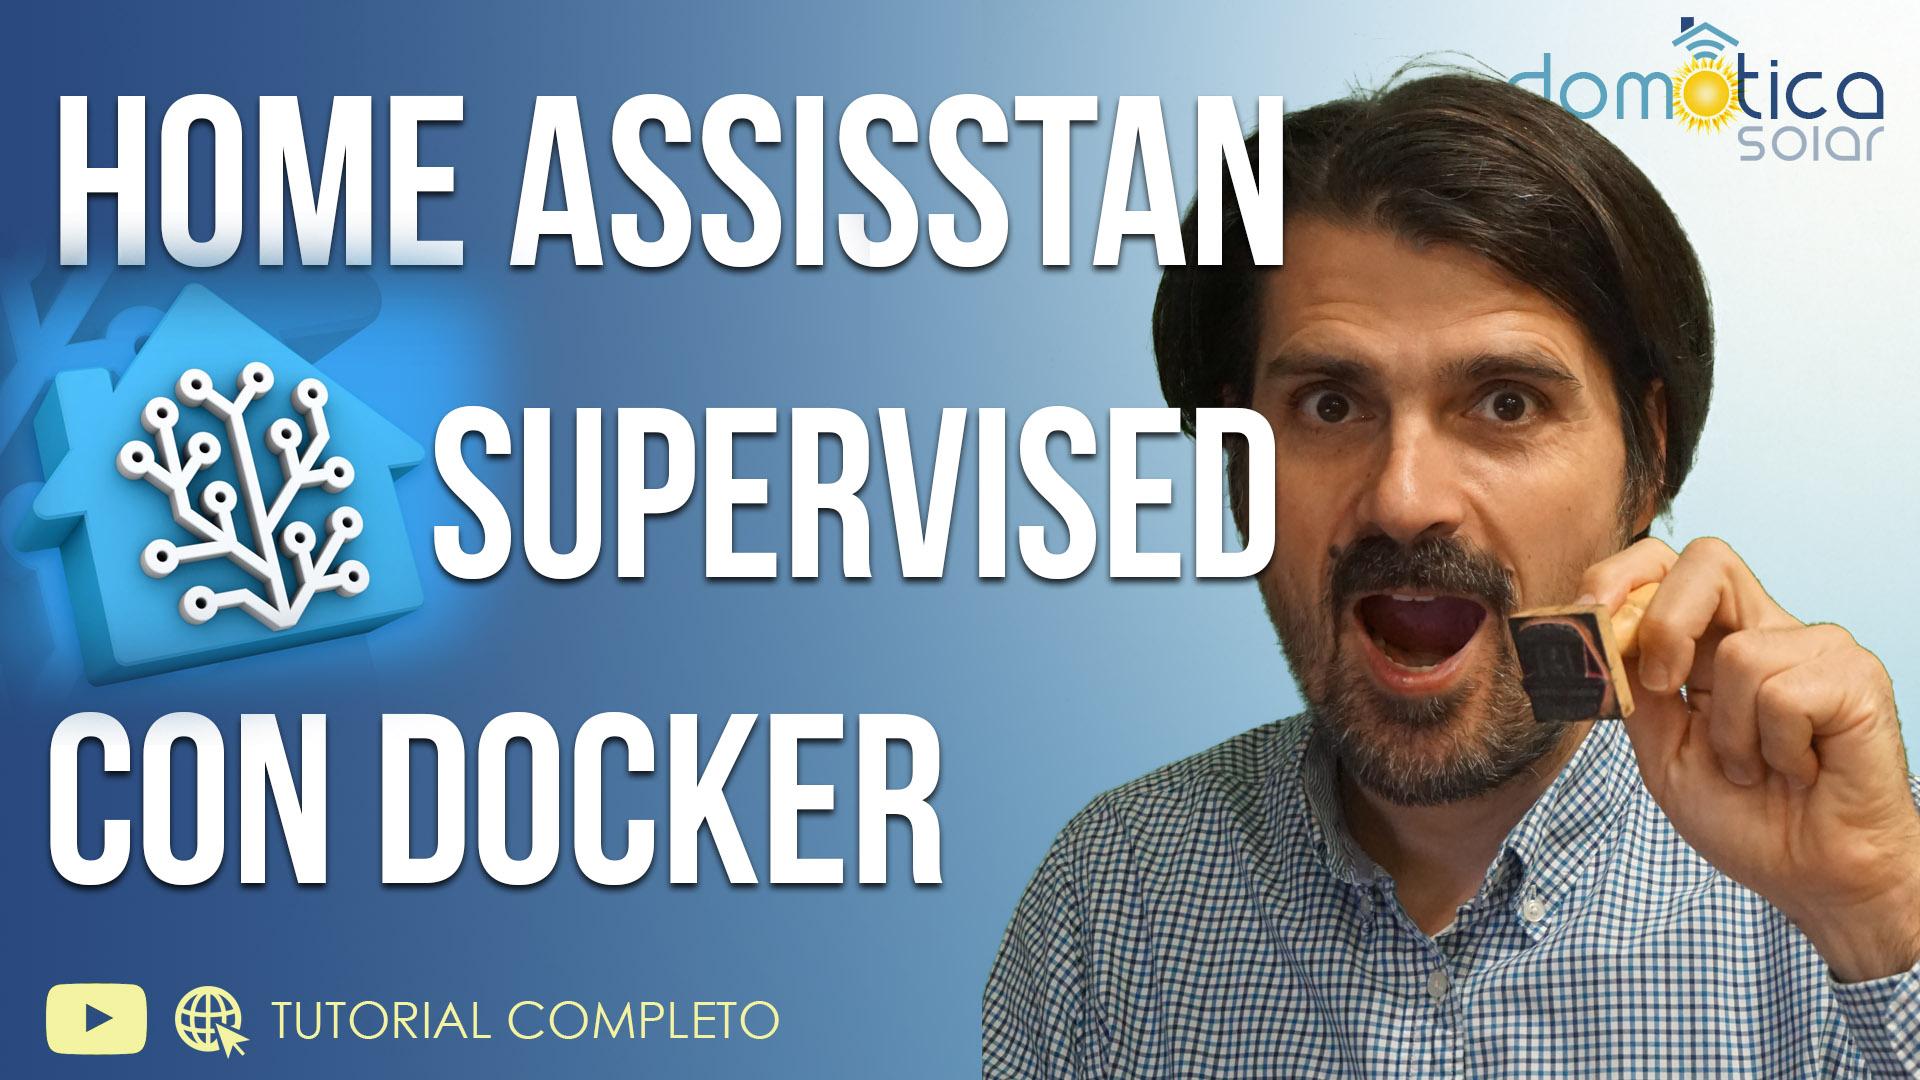 Domótica Solar - Instalar HOME ASSISTANT SUPERVISED con DOCKER. Rápido y Fácil.